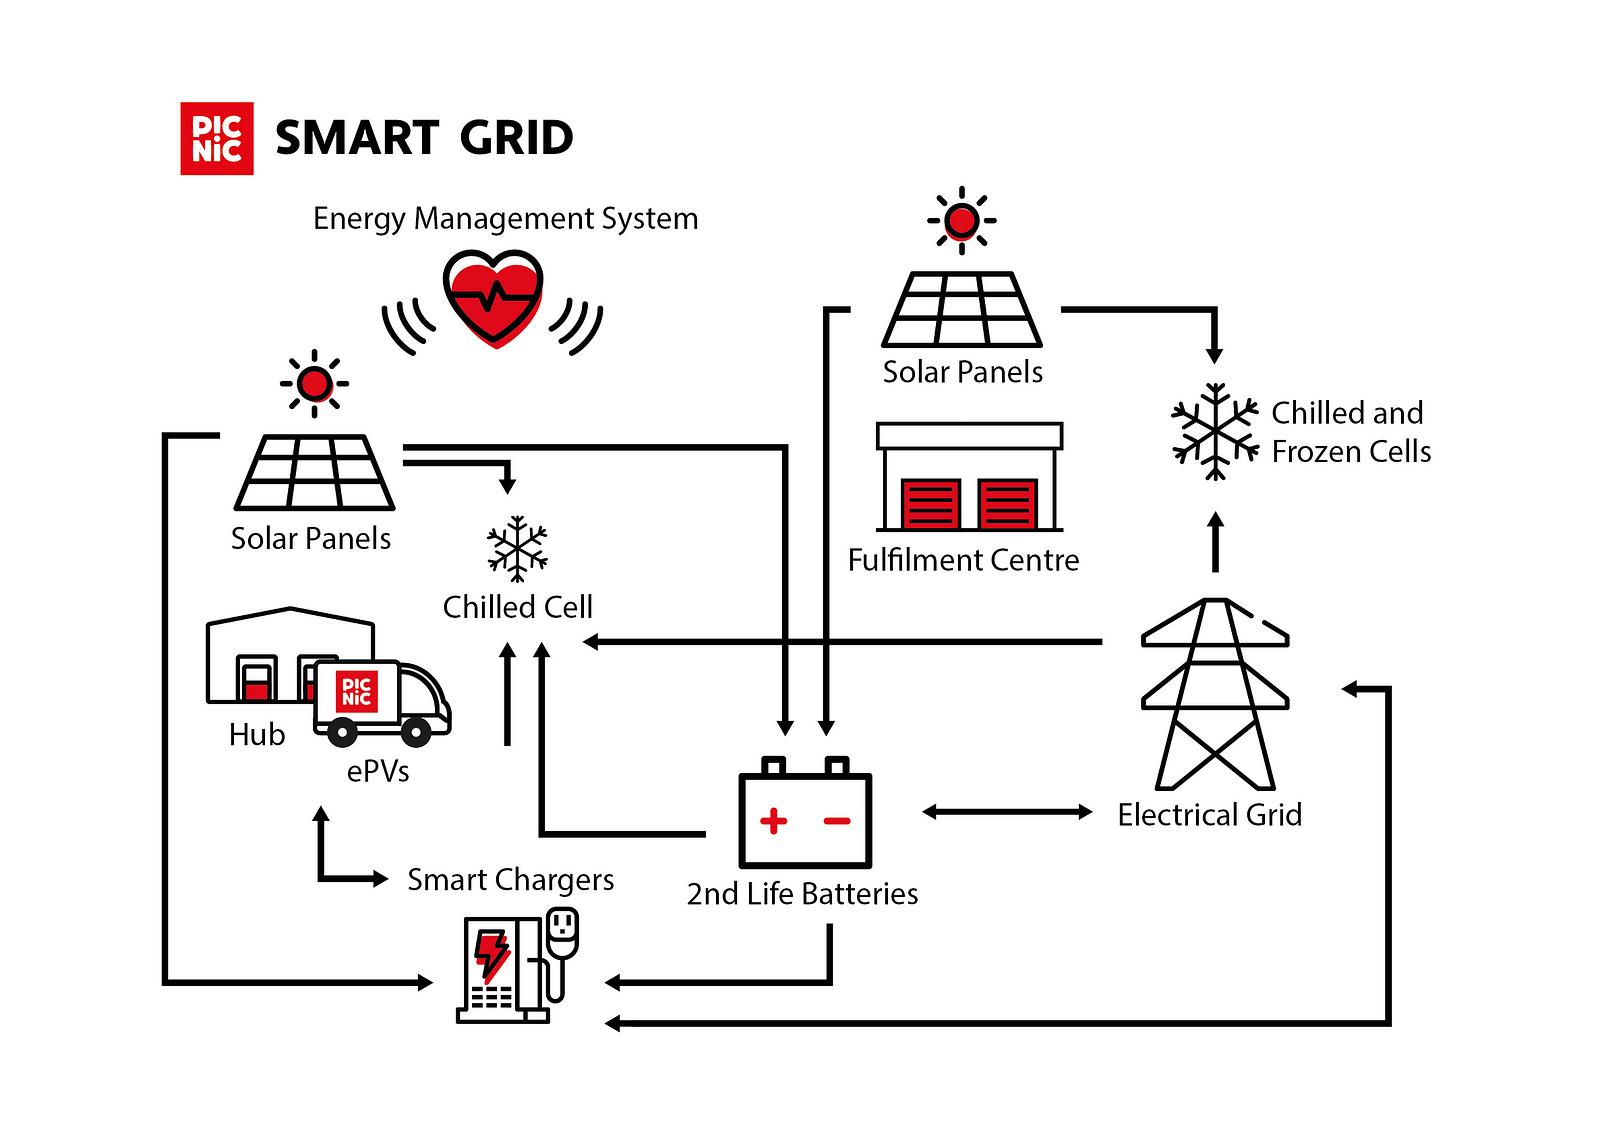 Picnic Is Exploring The Smart Grid Citylogistics